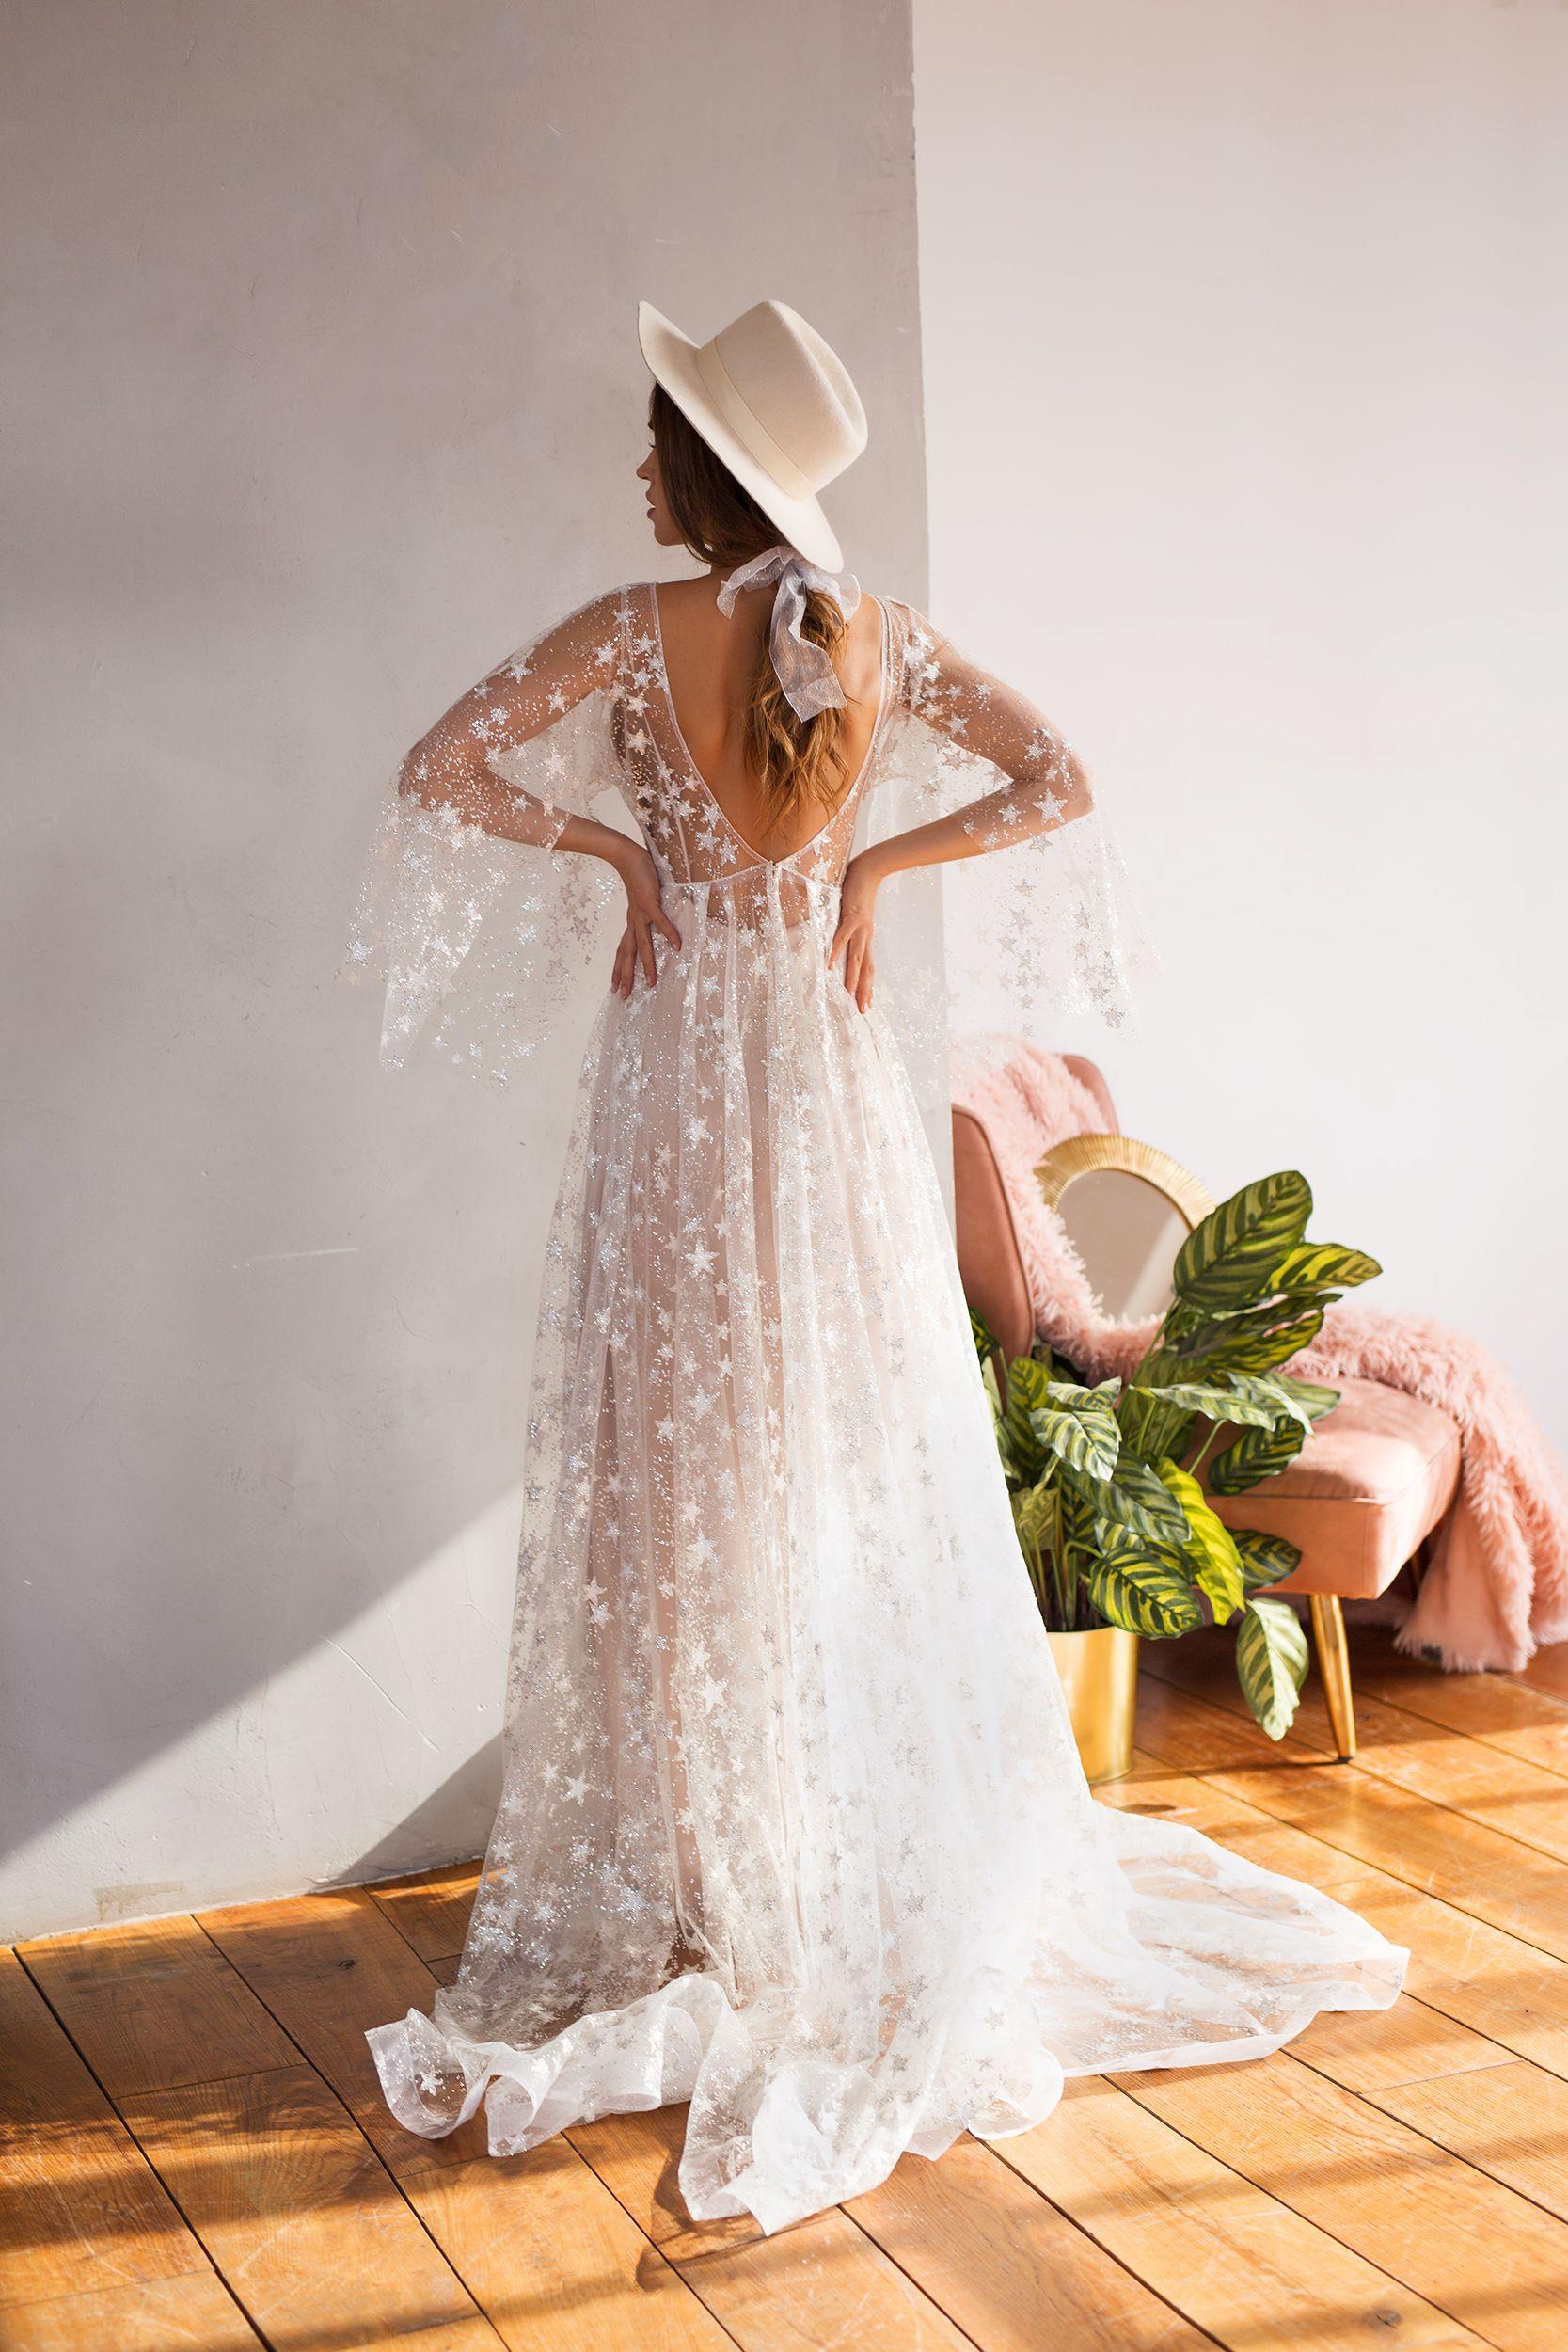 Bohemian Wedding Gown By Dream Dress Mesh Bridal Dress Summer Reception Gown Light Star Dress Simple Elegant Wedding Dress Bridal Dresses Wedding Dress Belt [ 2500 x 1667 Pixel ]